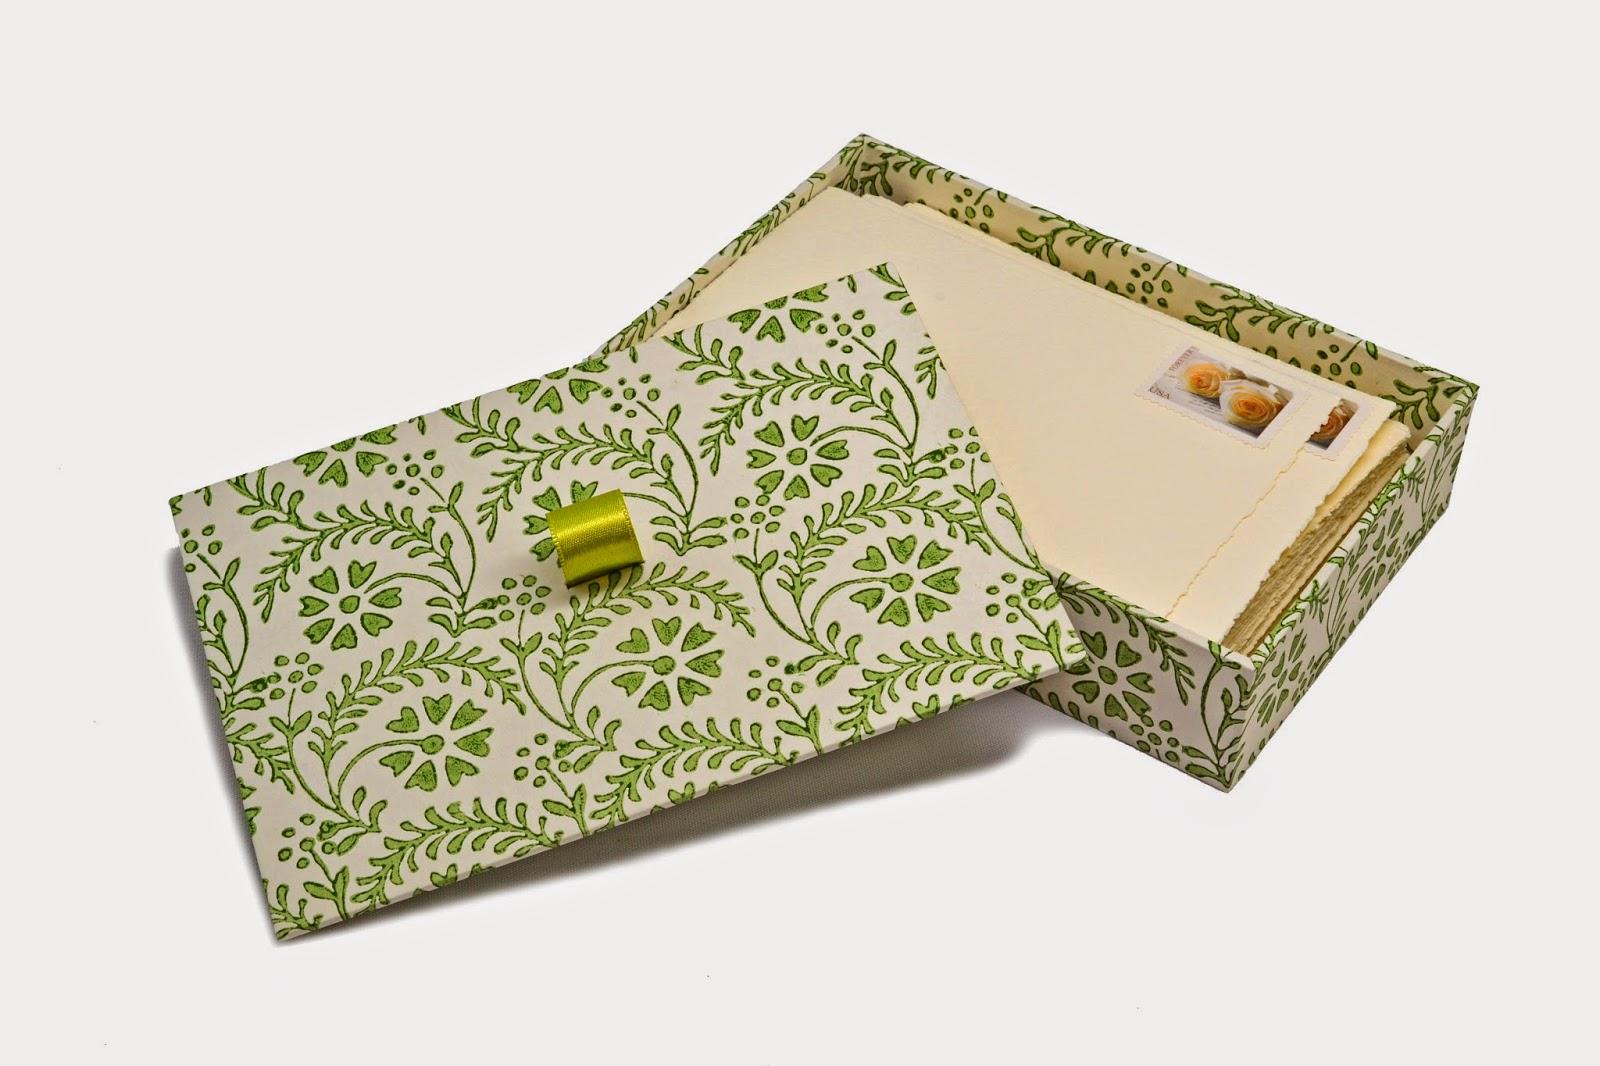 A bespoke gift box by Parvum Opus